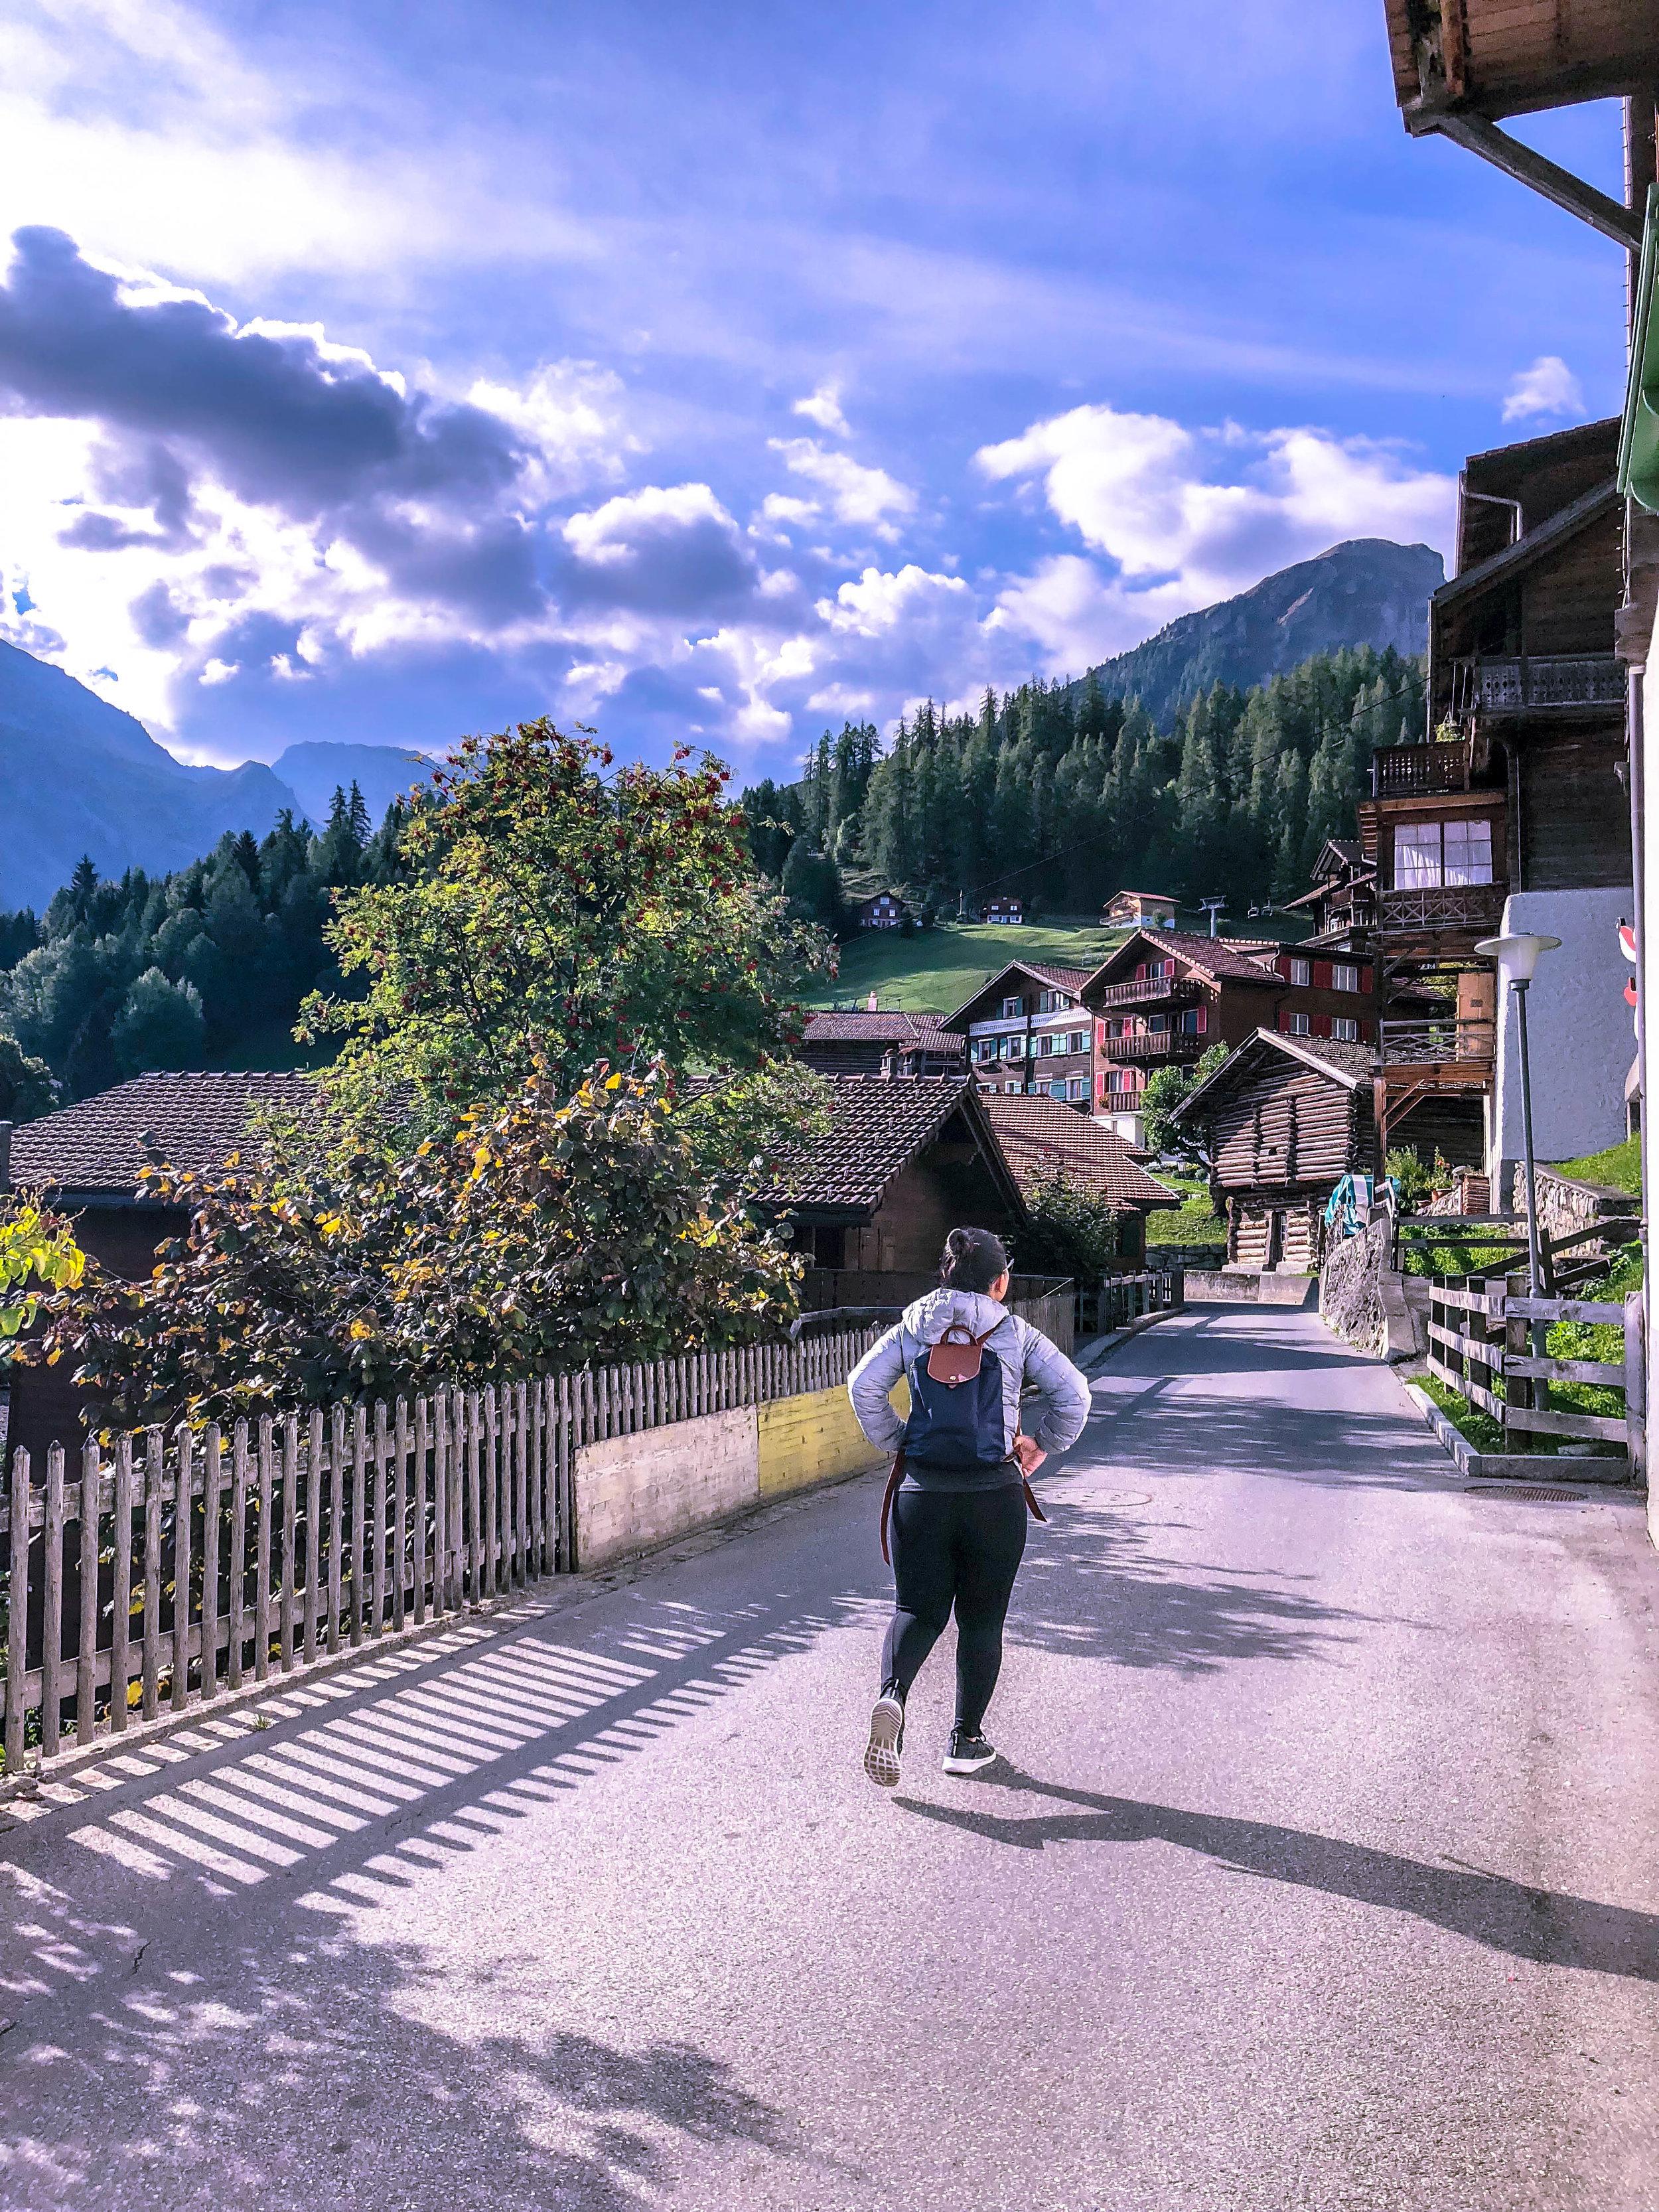 Birthday hike in Tschiertschen, Switzerland.